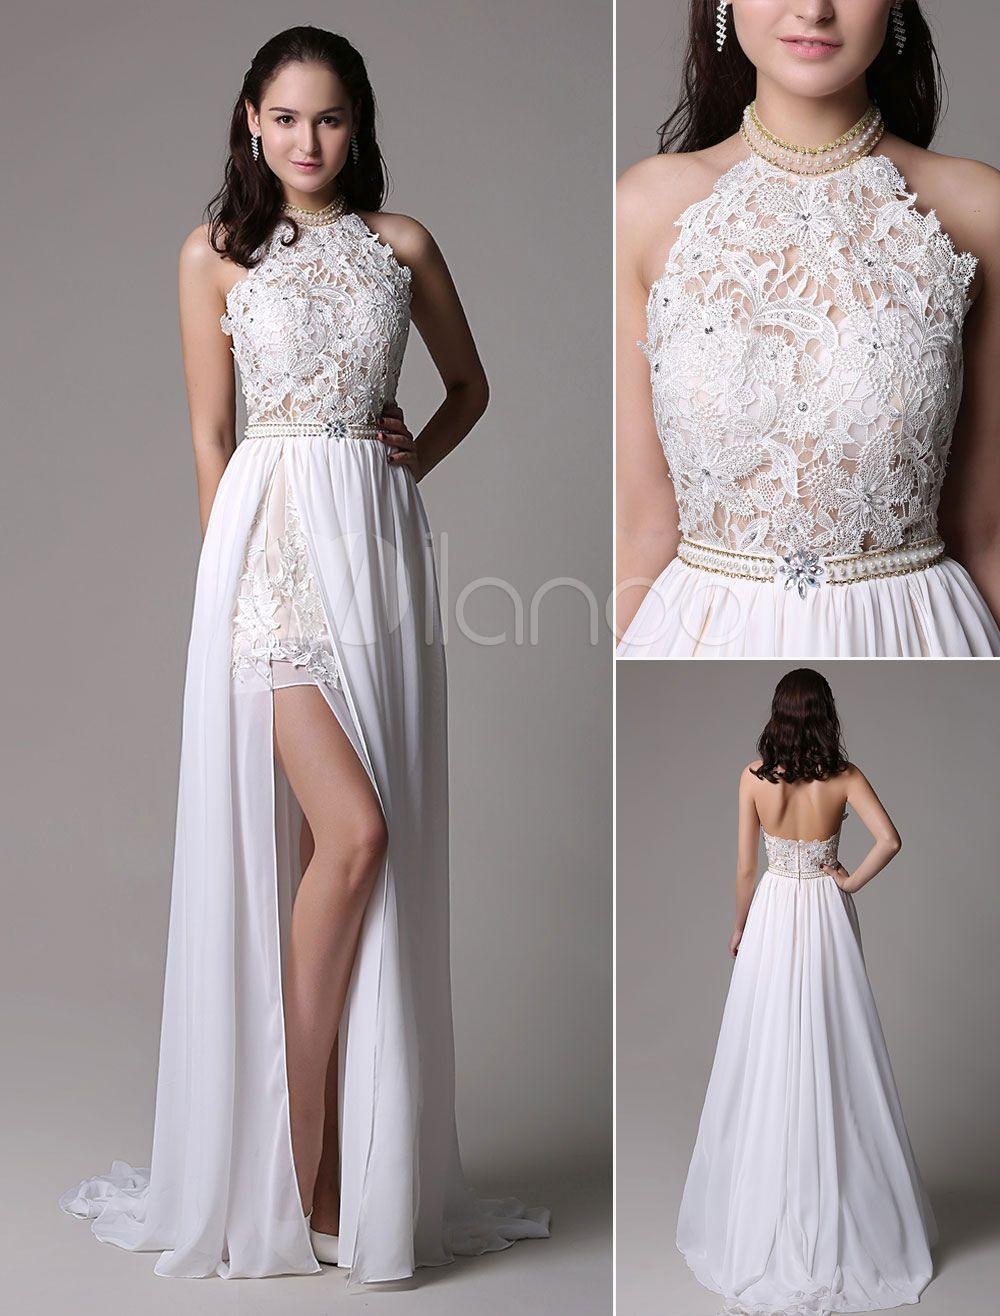 10 Luxurius Abendkleid Weiß GalerieDesigner Wunderbar Abendkleid Weiß Galerie